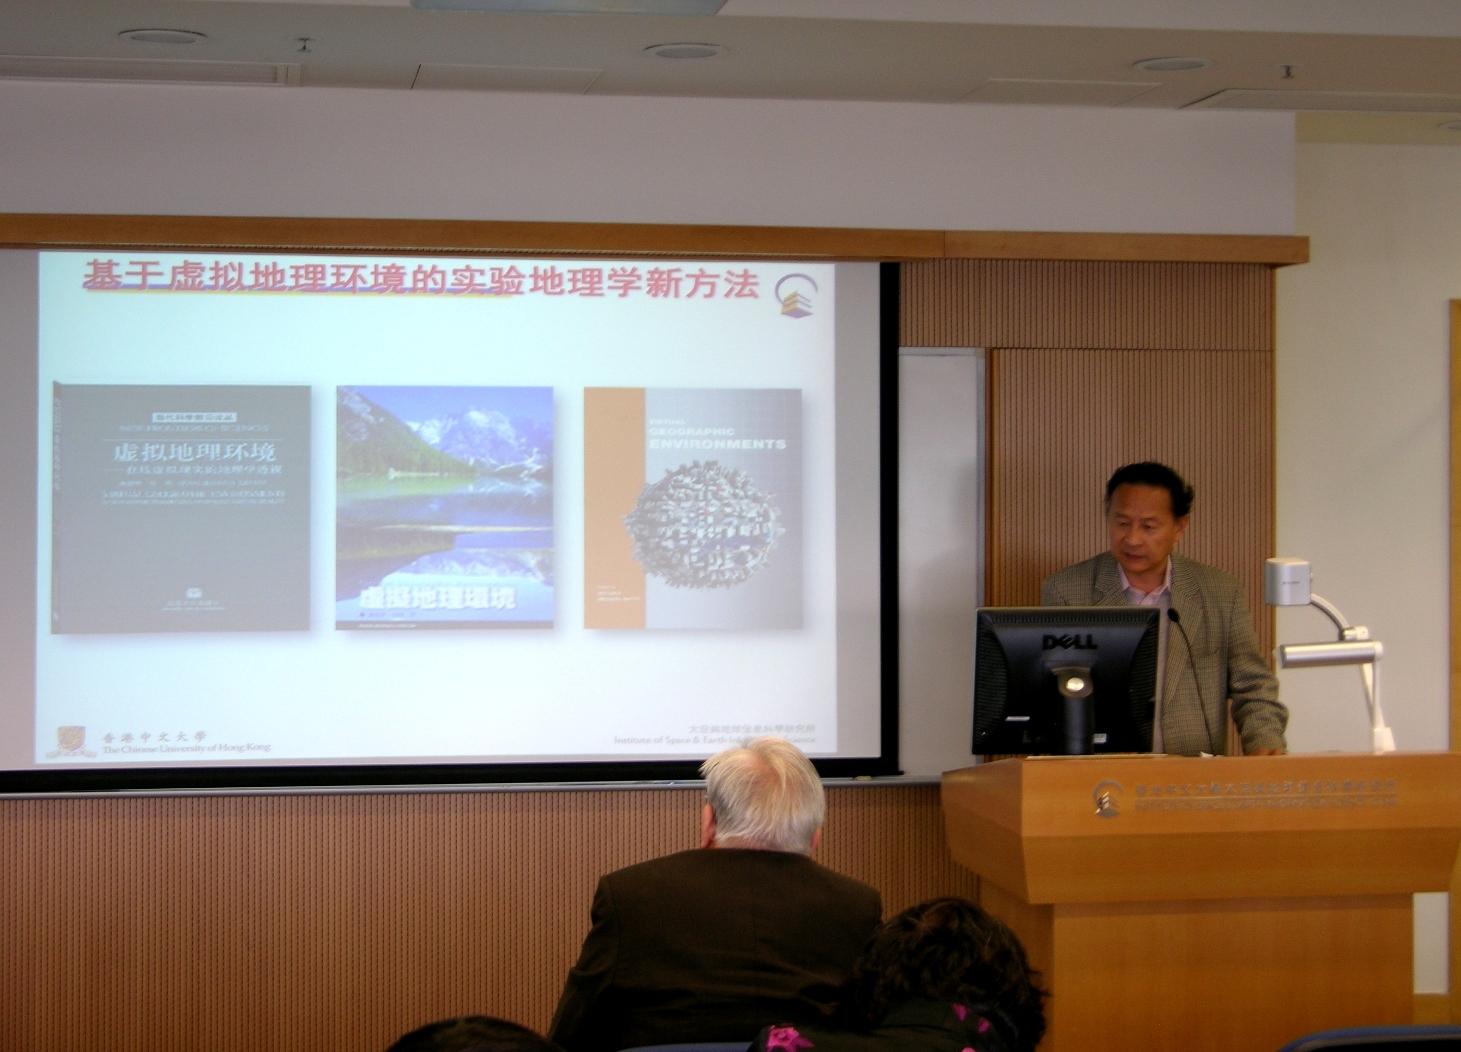 中大太空所所長林琿教授介紹太空所的最新研究成果